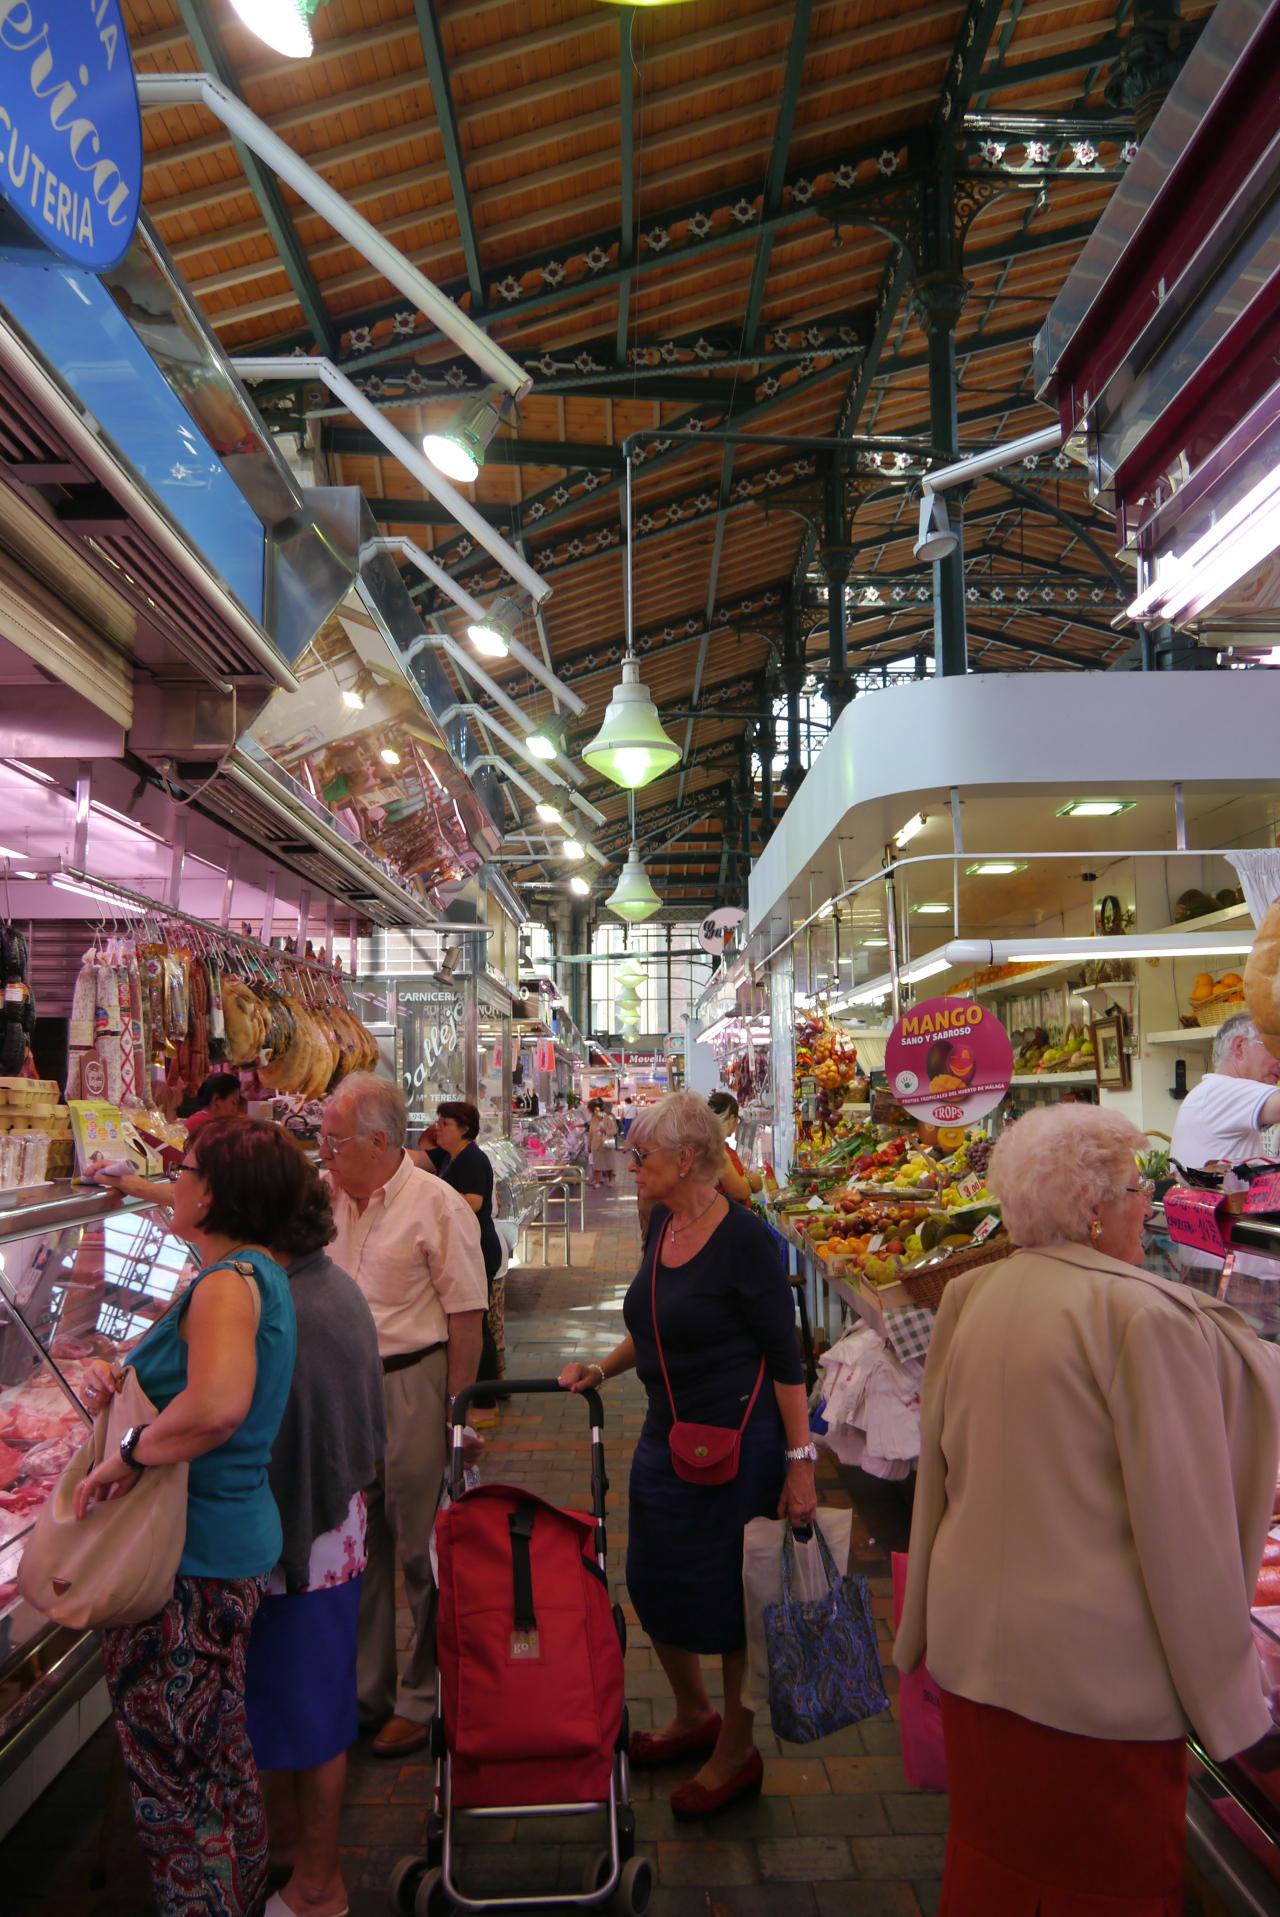 L2F Jan 17 pic Spain Cantabria Santander Mercado Esperanza Pamela Cahill